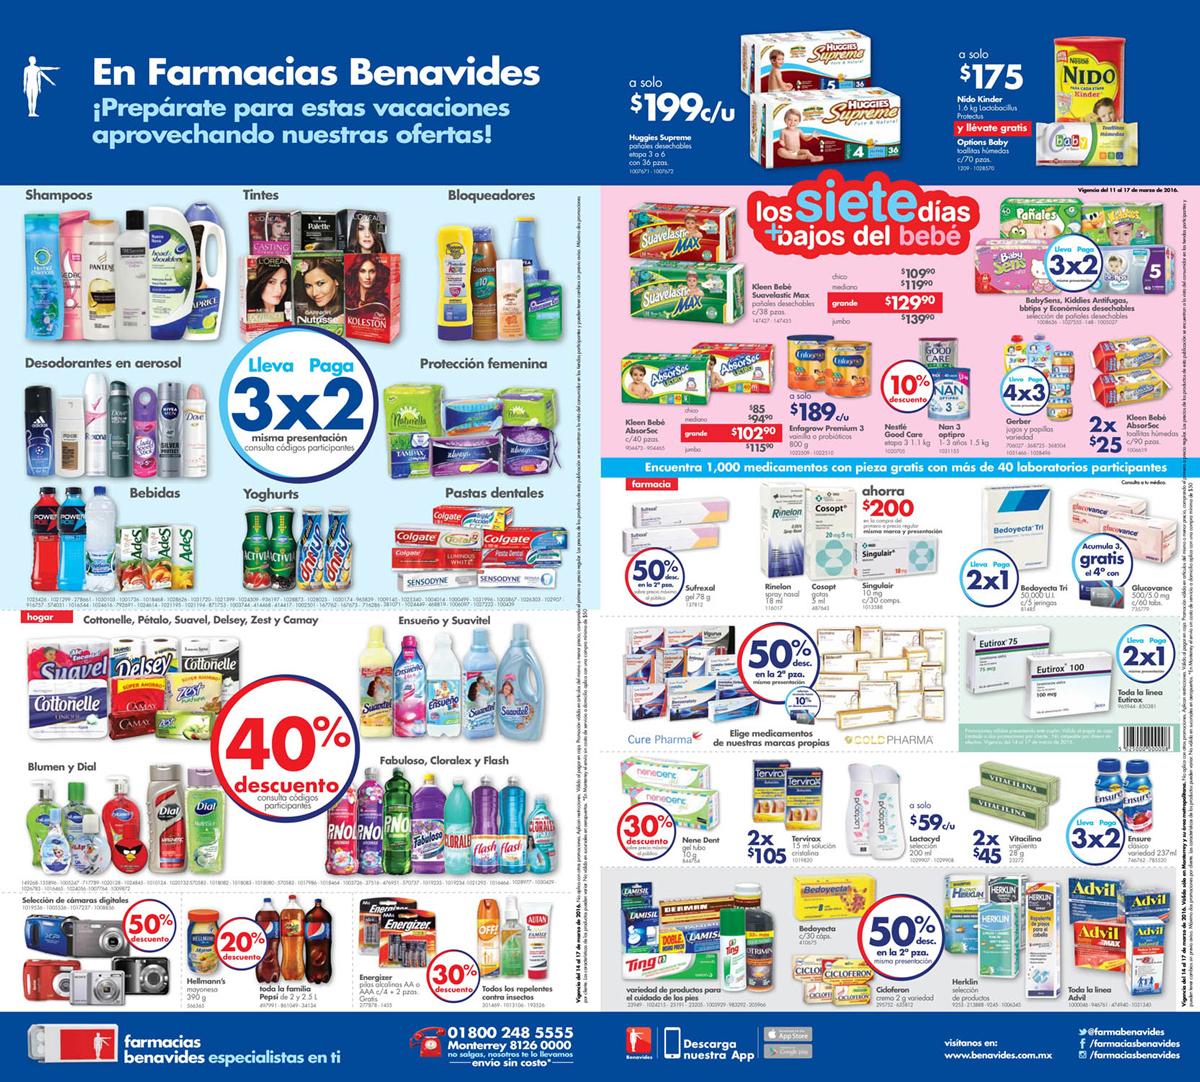 Farmacias Benavides: 3x2 en bloqueadores, tintes, shampoos, bebidas seleccionadas y más